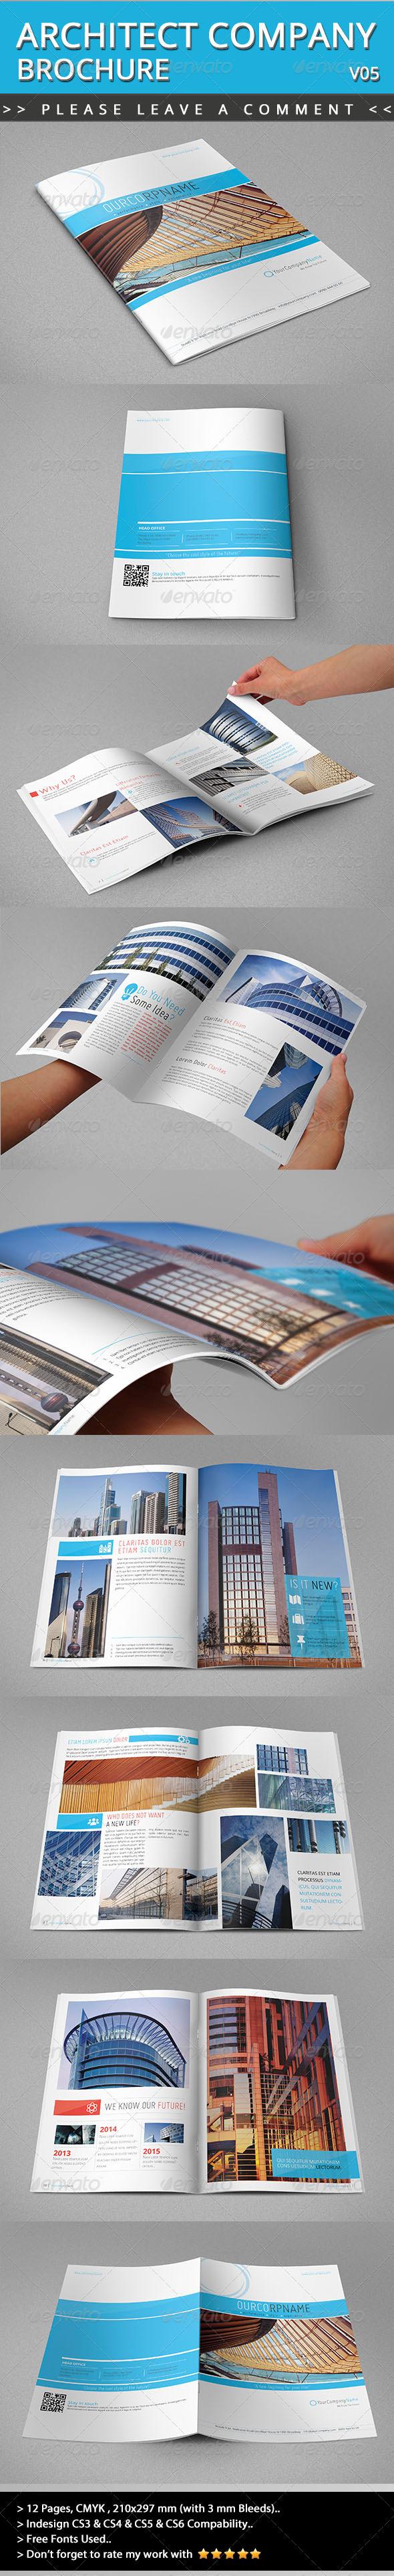 GraphicRiver Architecture Brochure V05 4829851